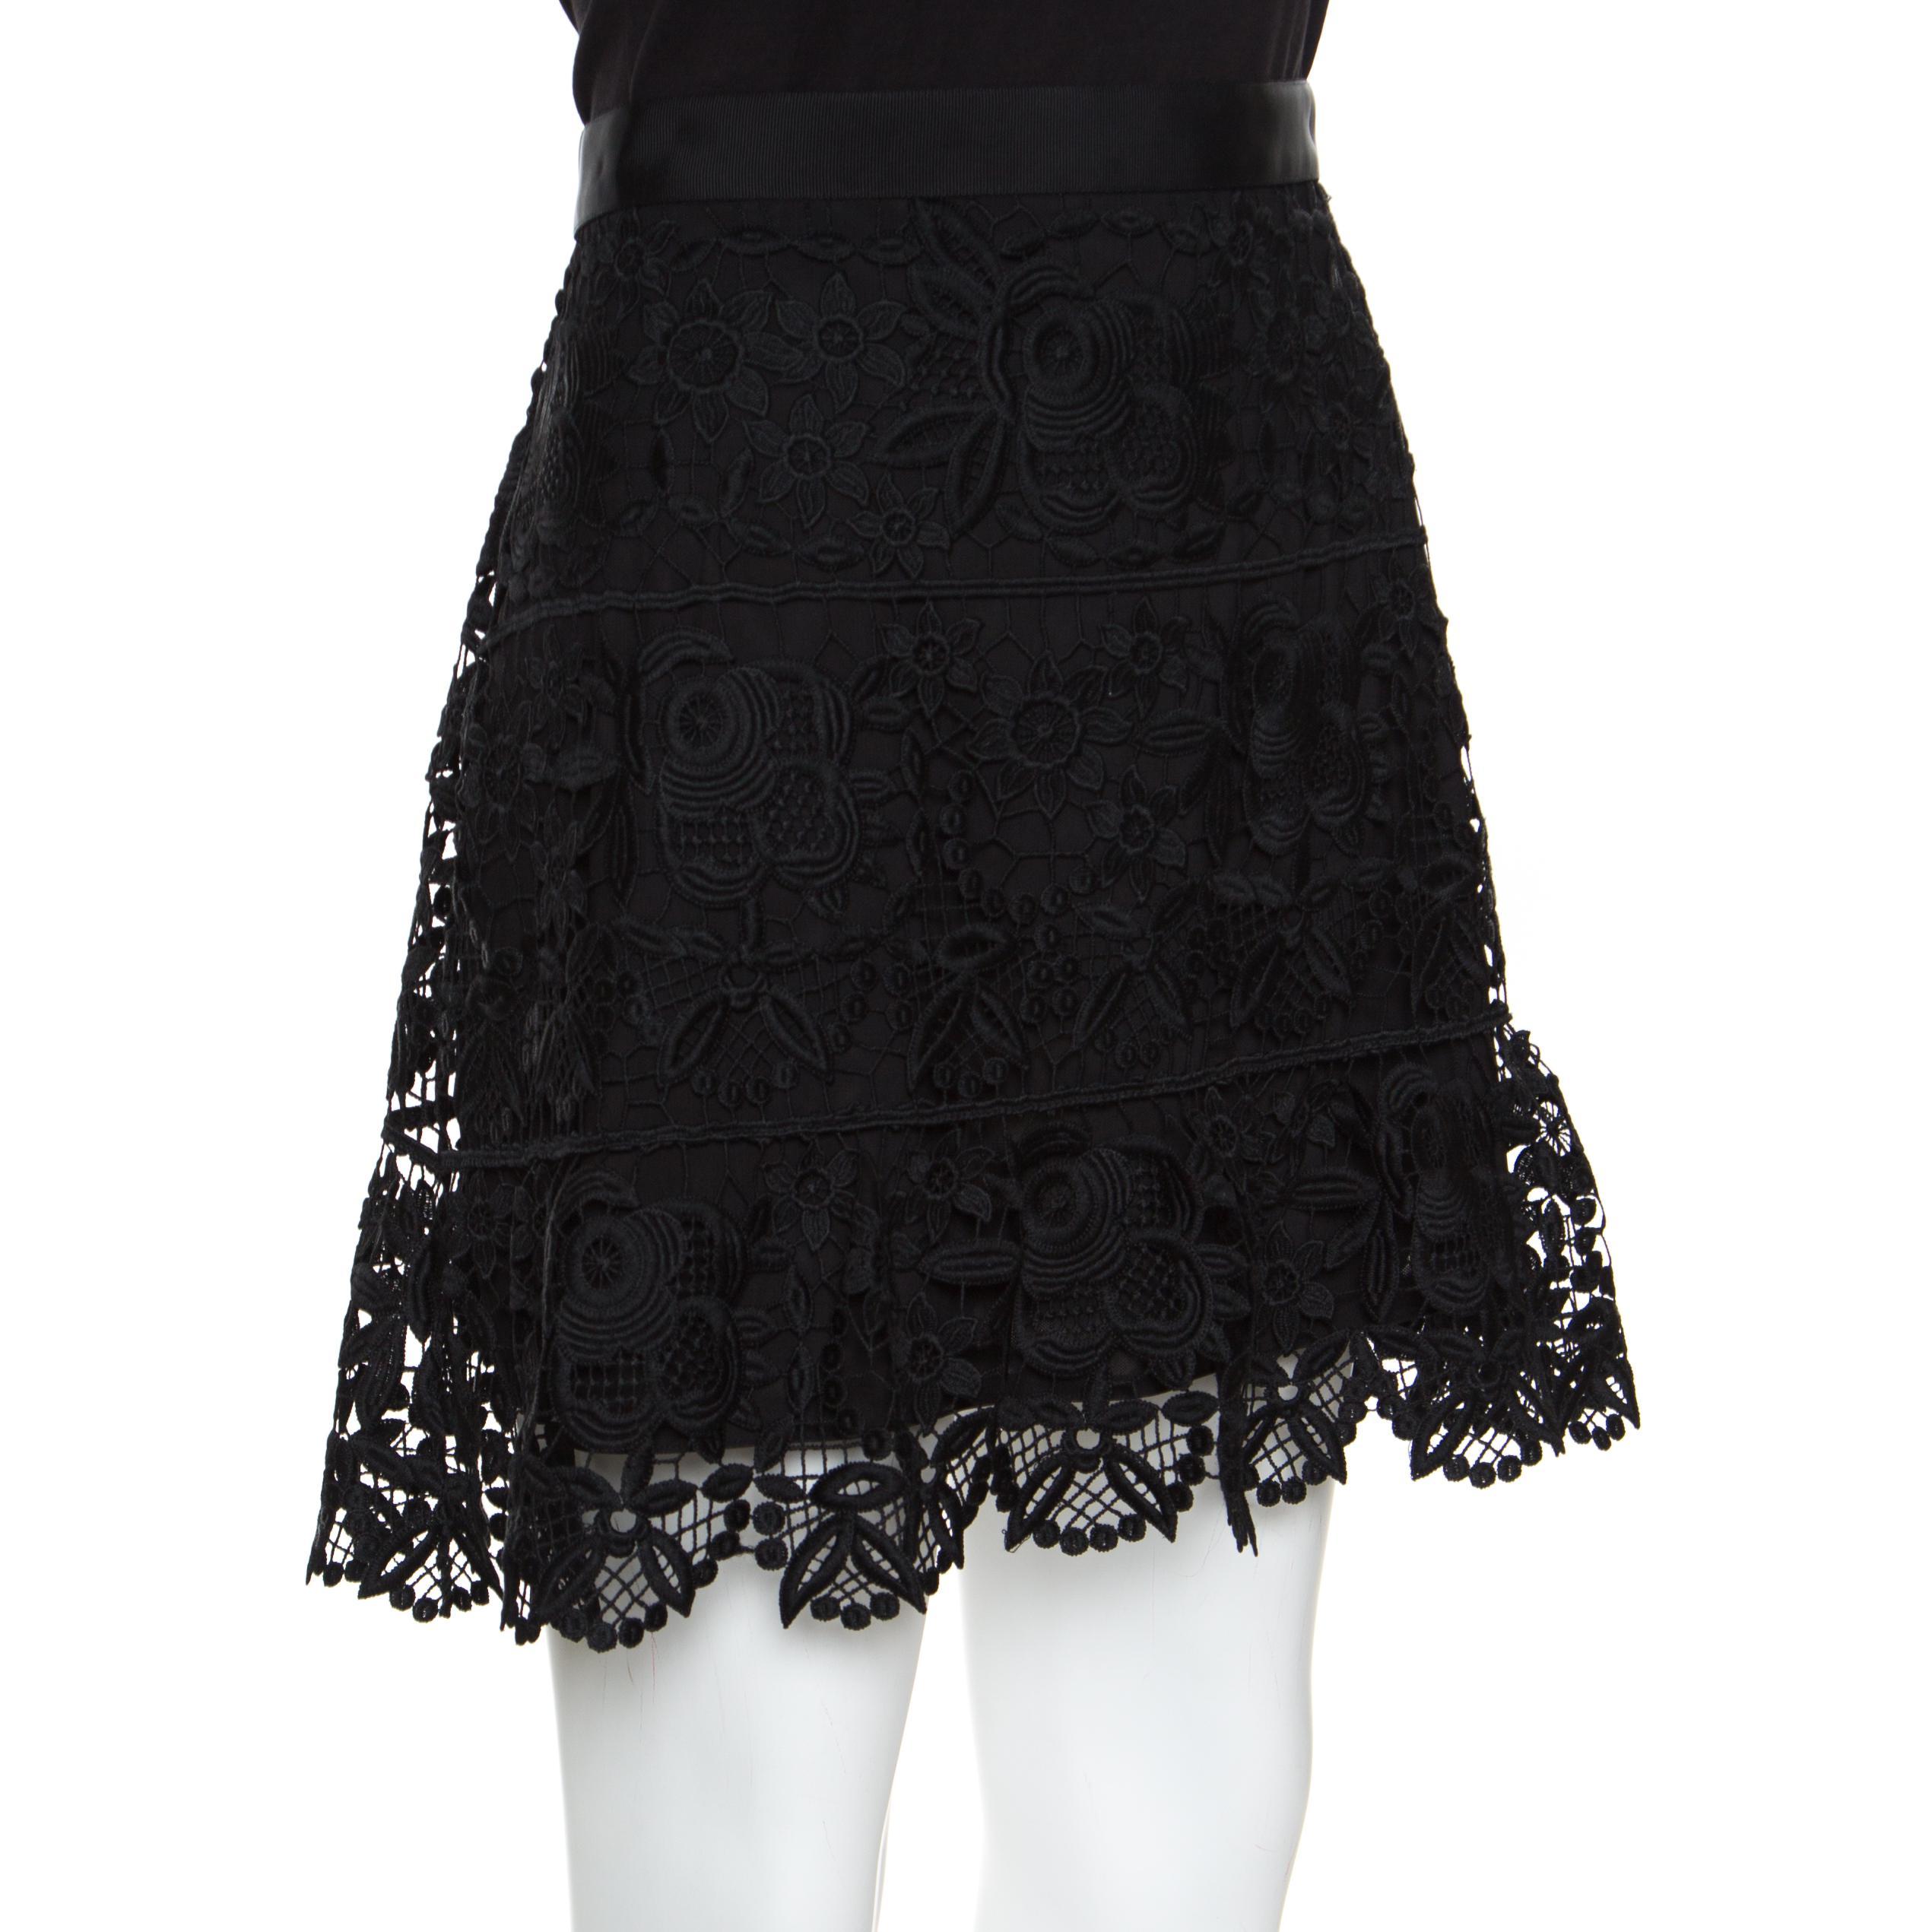 f9577723f FWRD Self Portrait Crochet Mini Skirt in Black Skirts